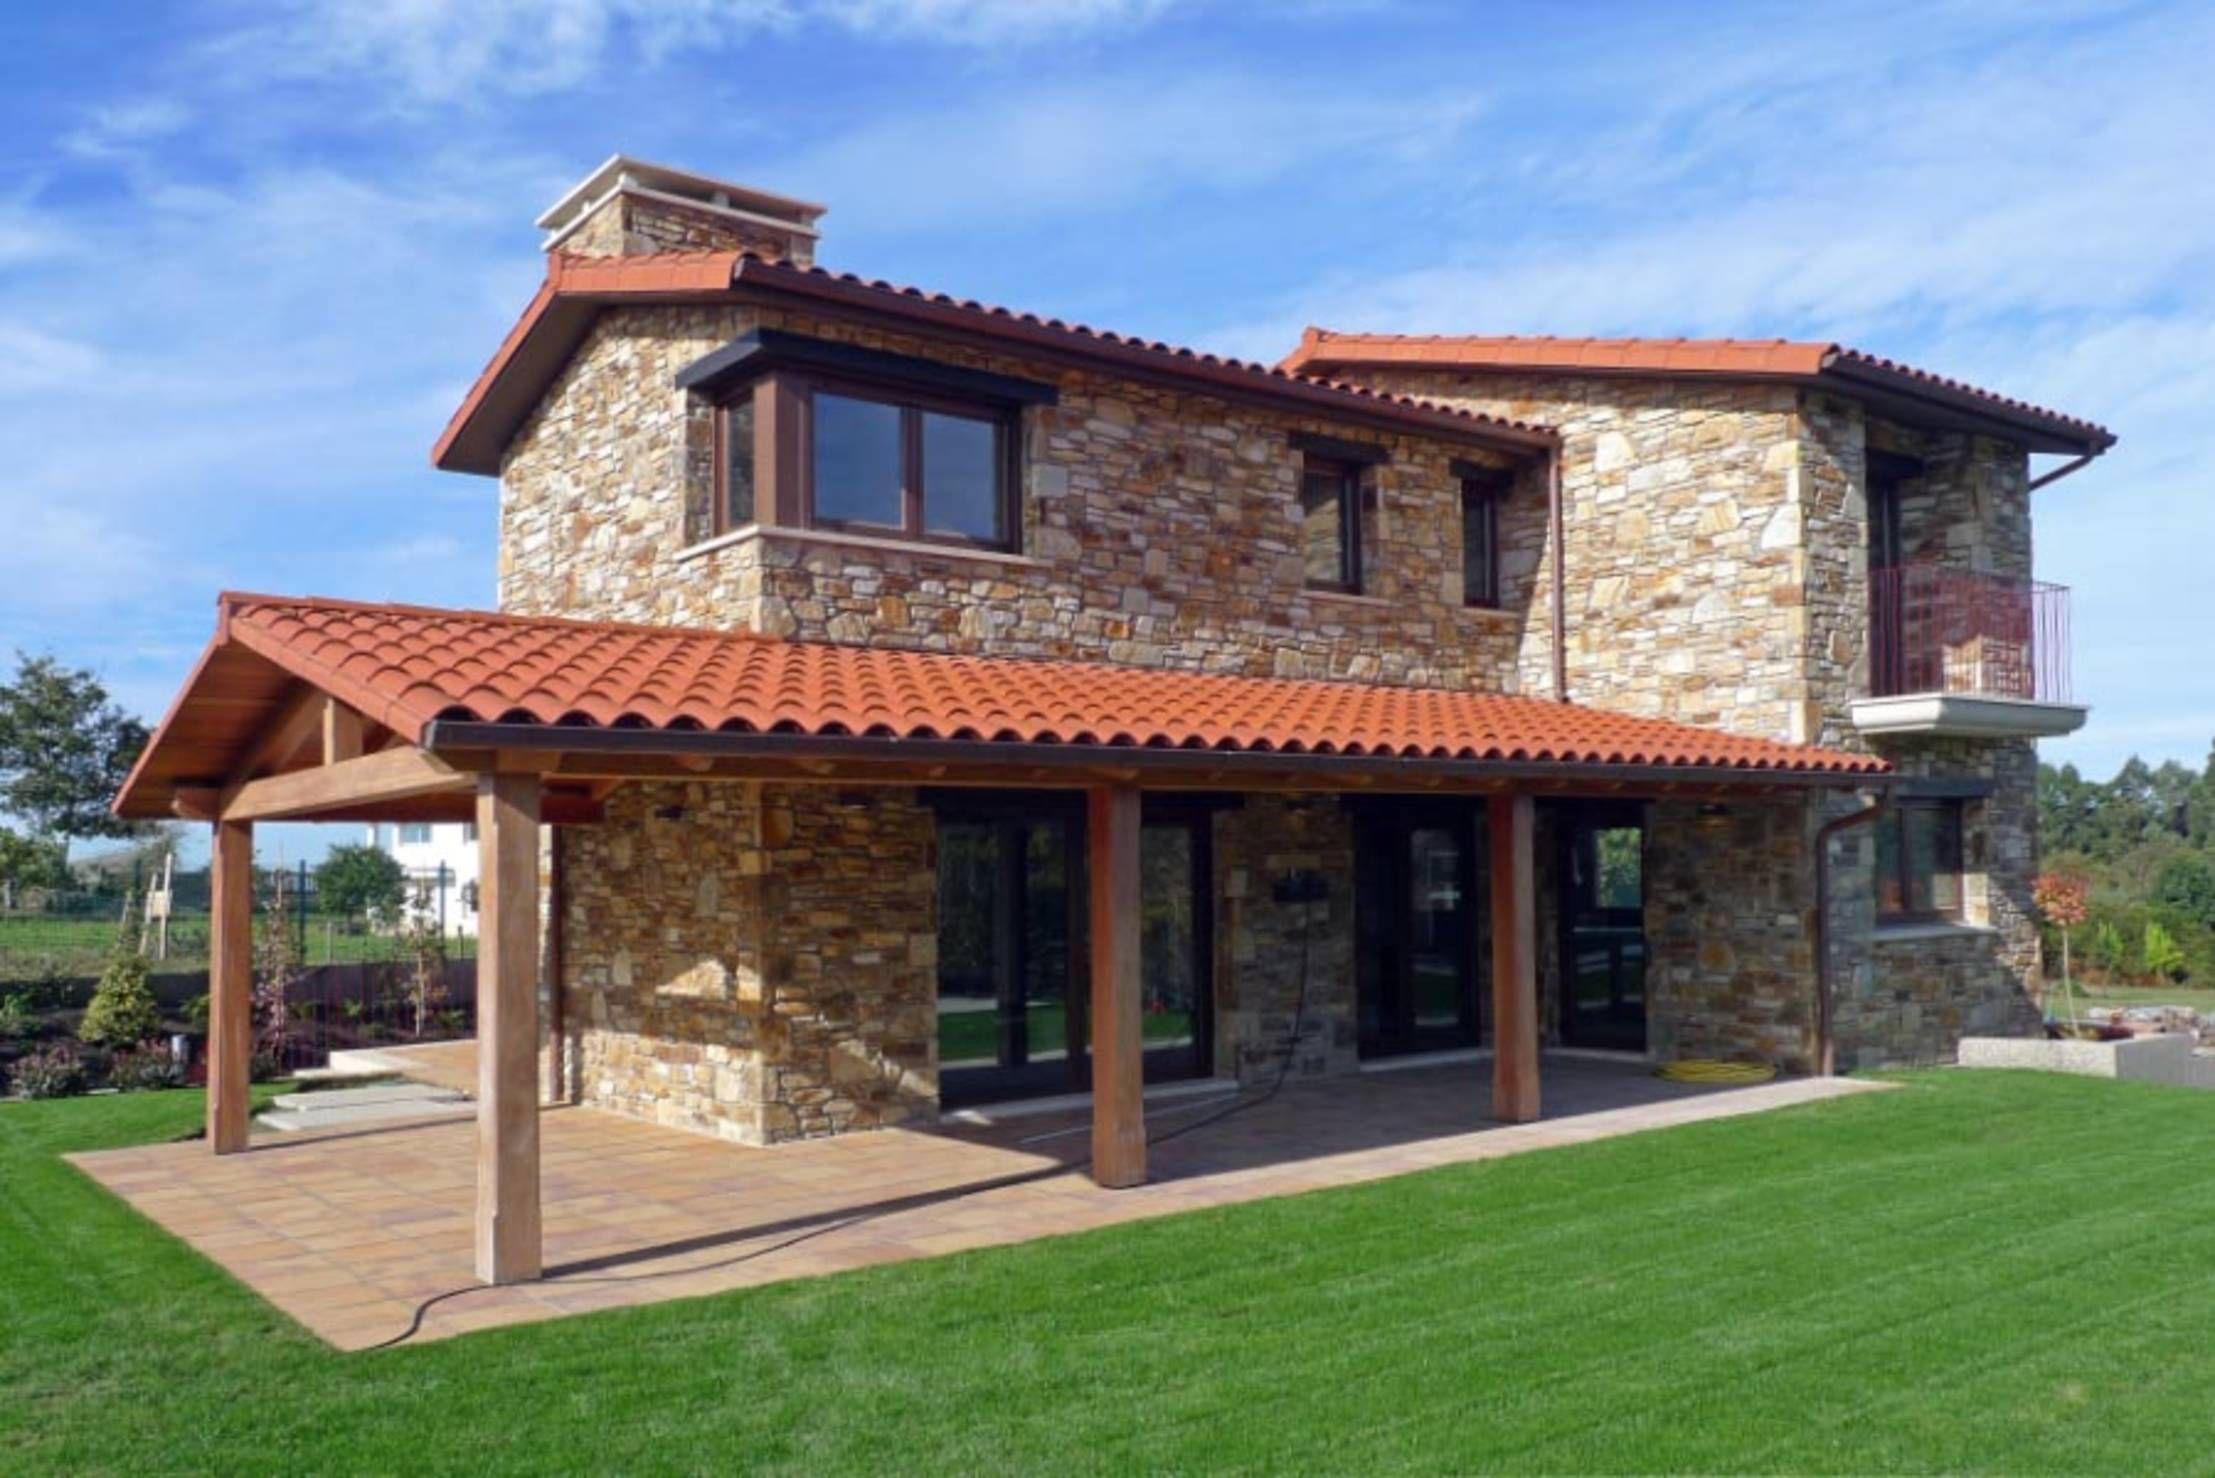 R stica y actual una maravillosa casa con piscina en galicia casas r sticas por fuera y - Casas de campo en galicia ...